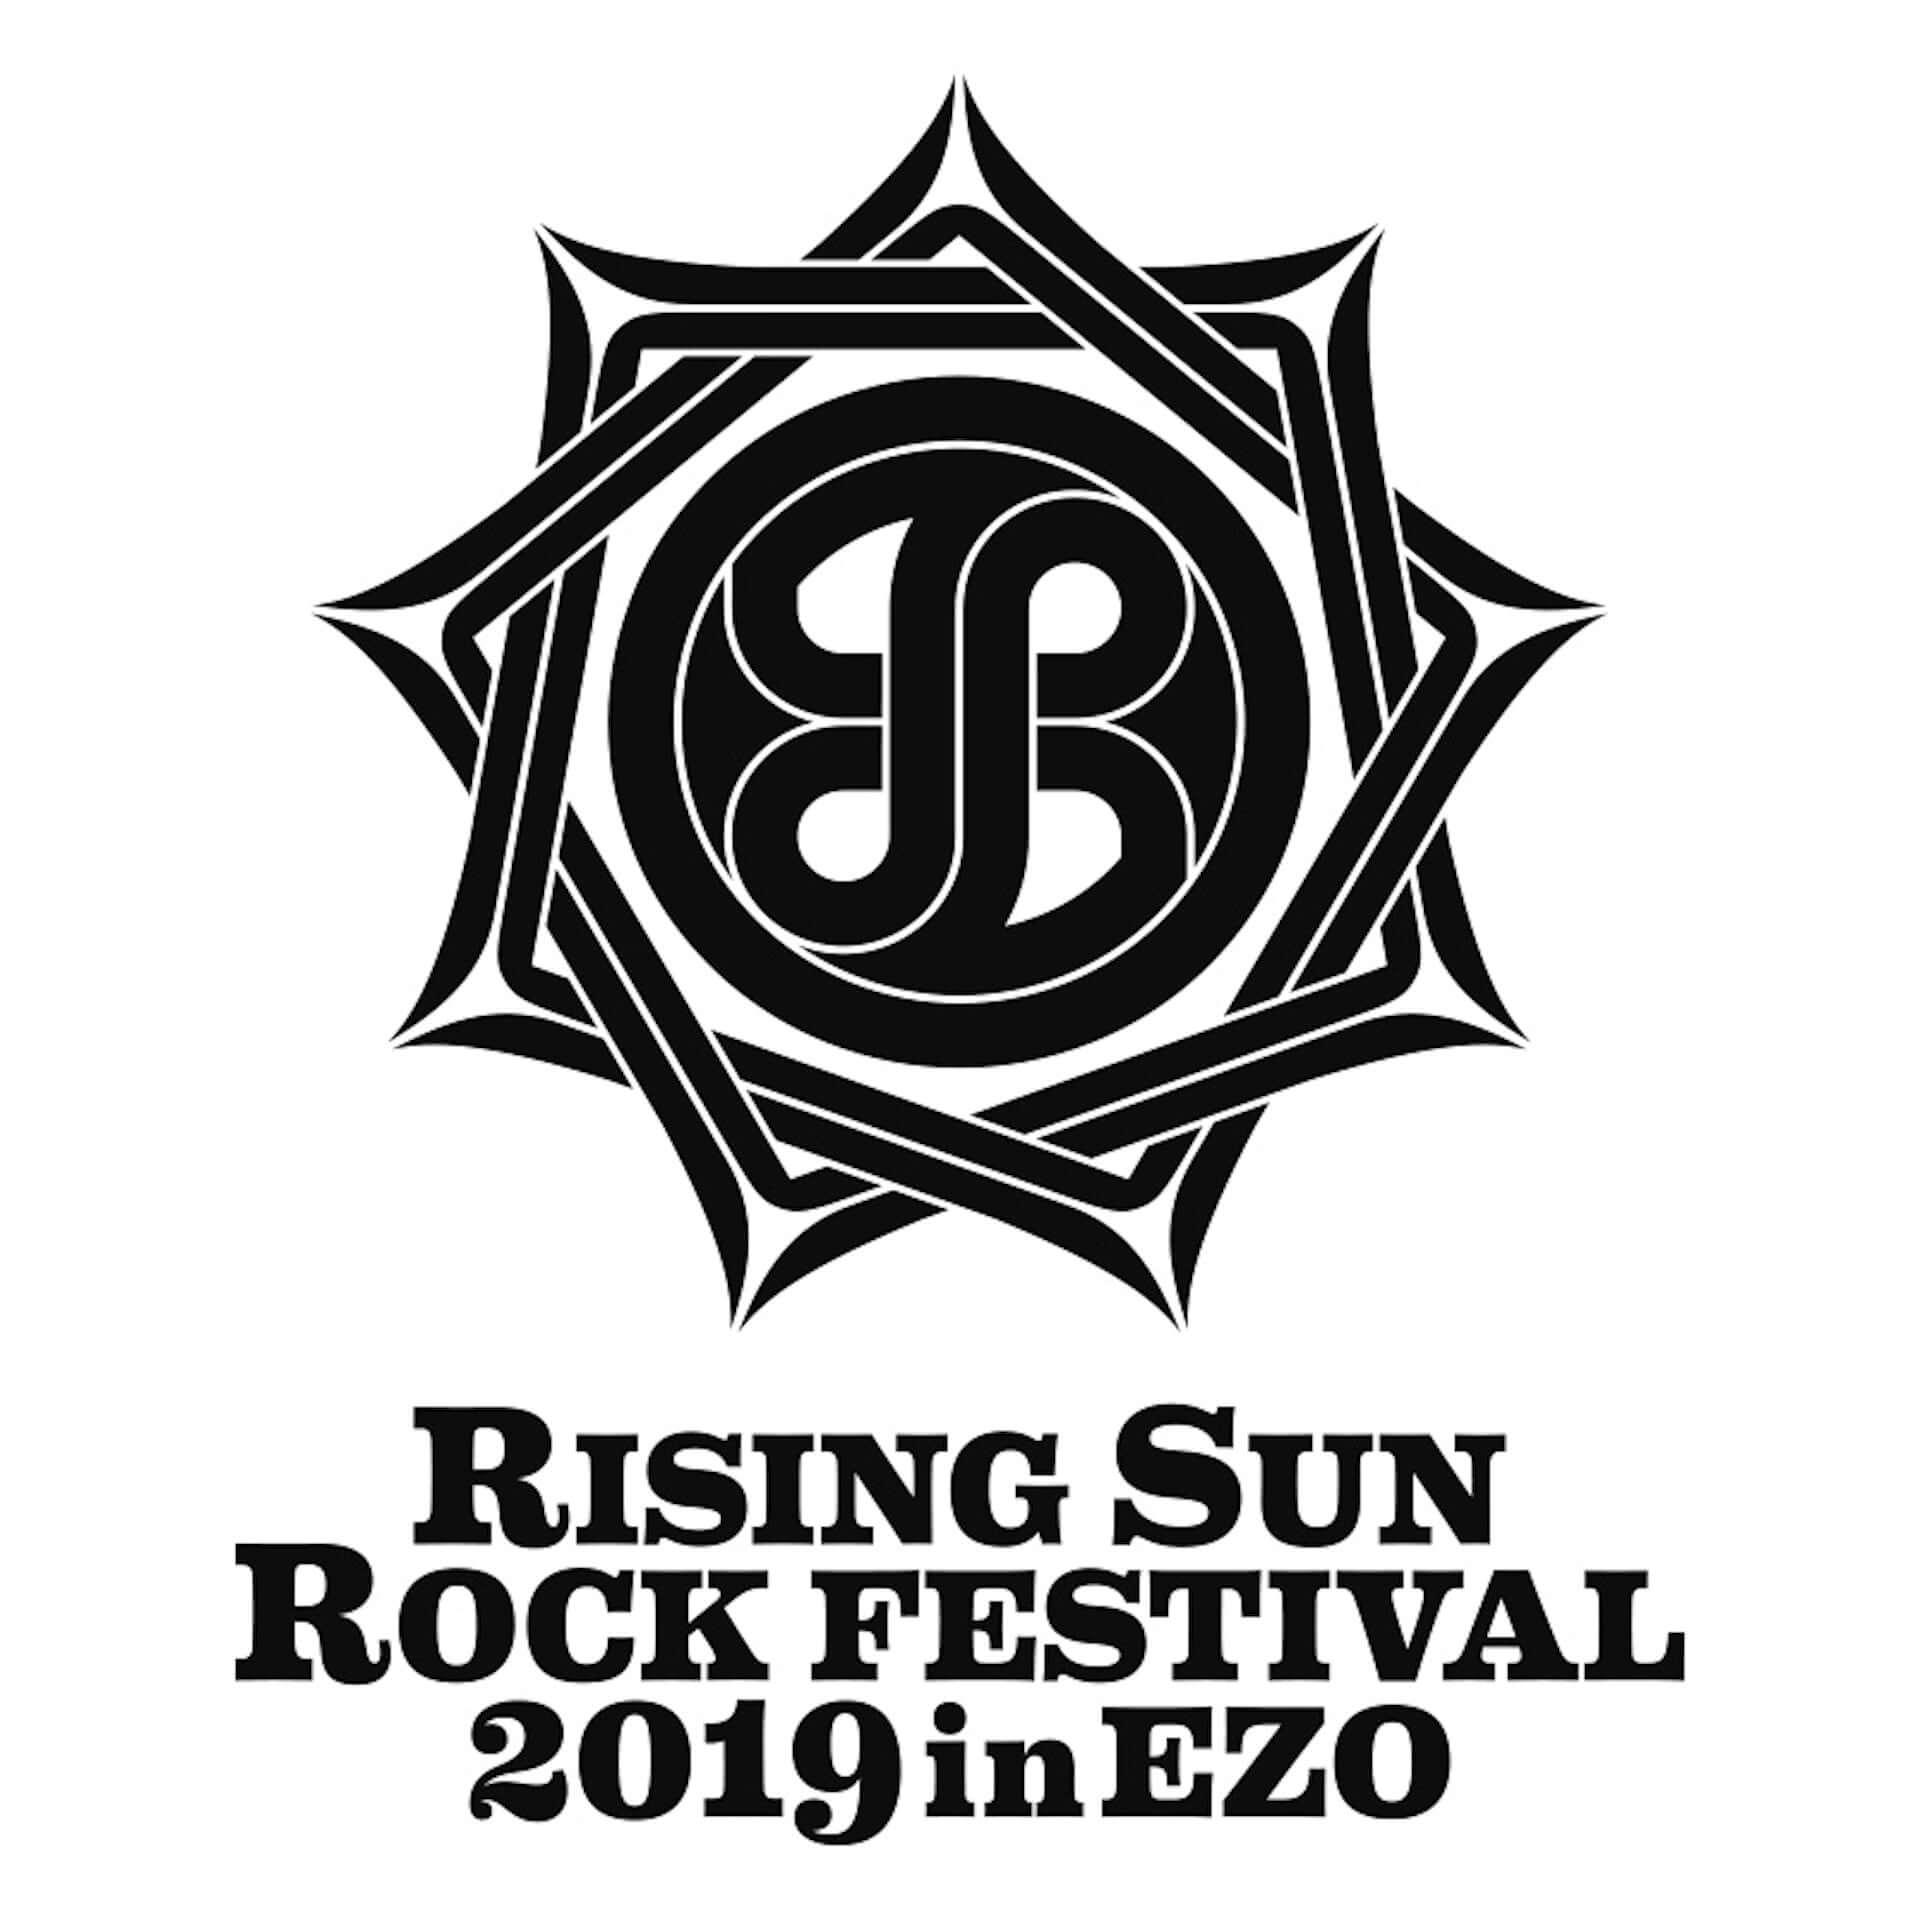 <RISING SUN ROCK FESTIVAL>タイムテーブル&第6弾アーティスト発表!中村佳穂、緑黄色社会ら7組&ゲストアーティストも music190719_risingsunrockfestival_7-1920x1920